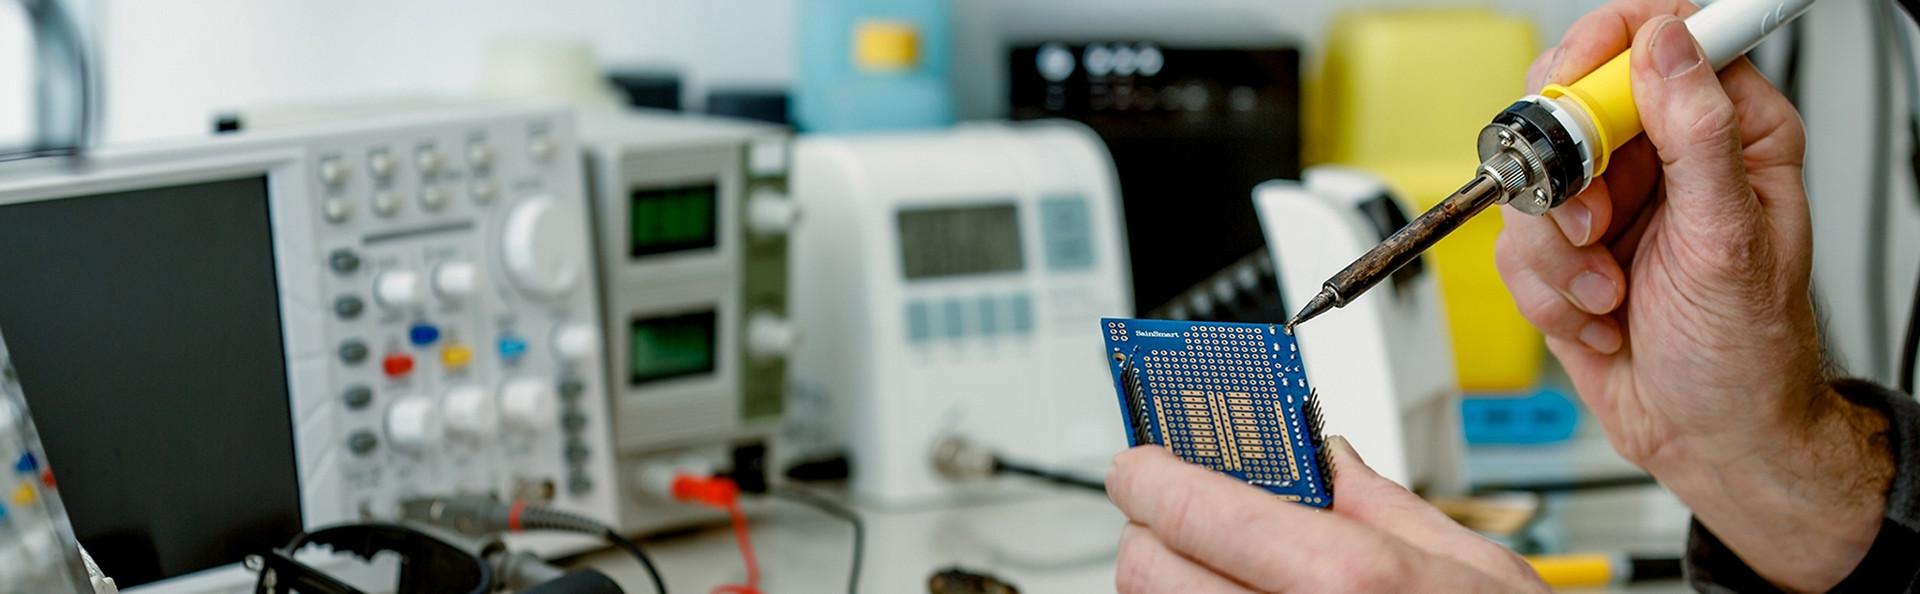 opravy elektroniky